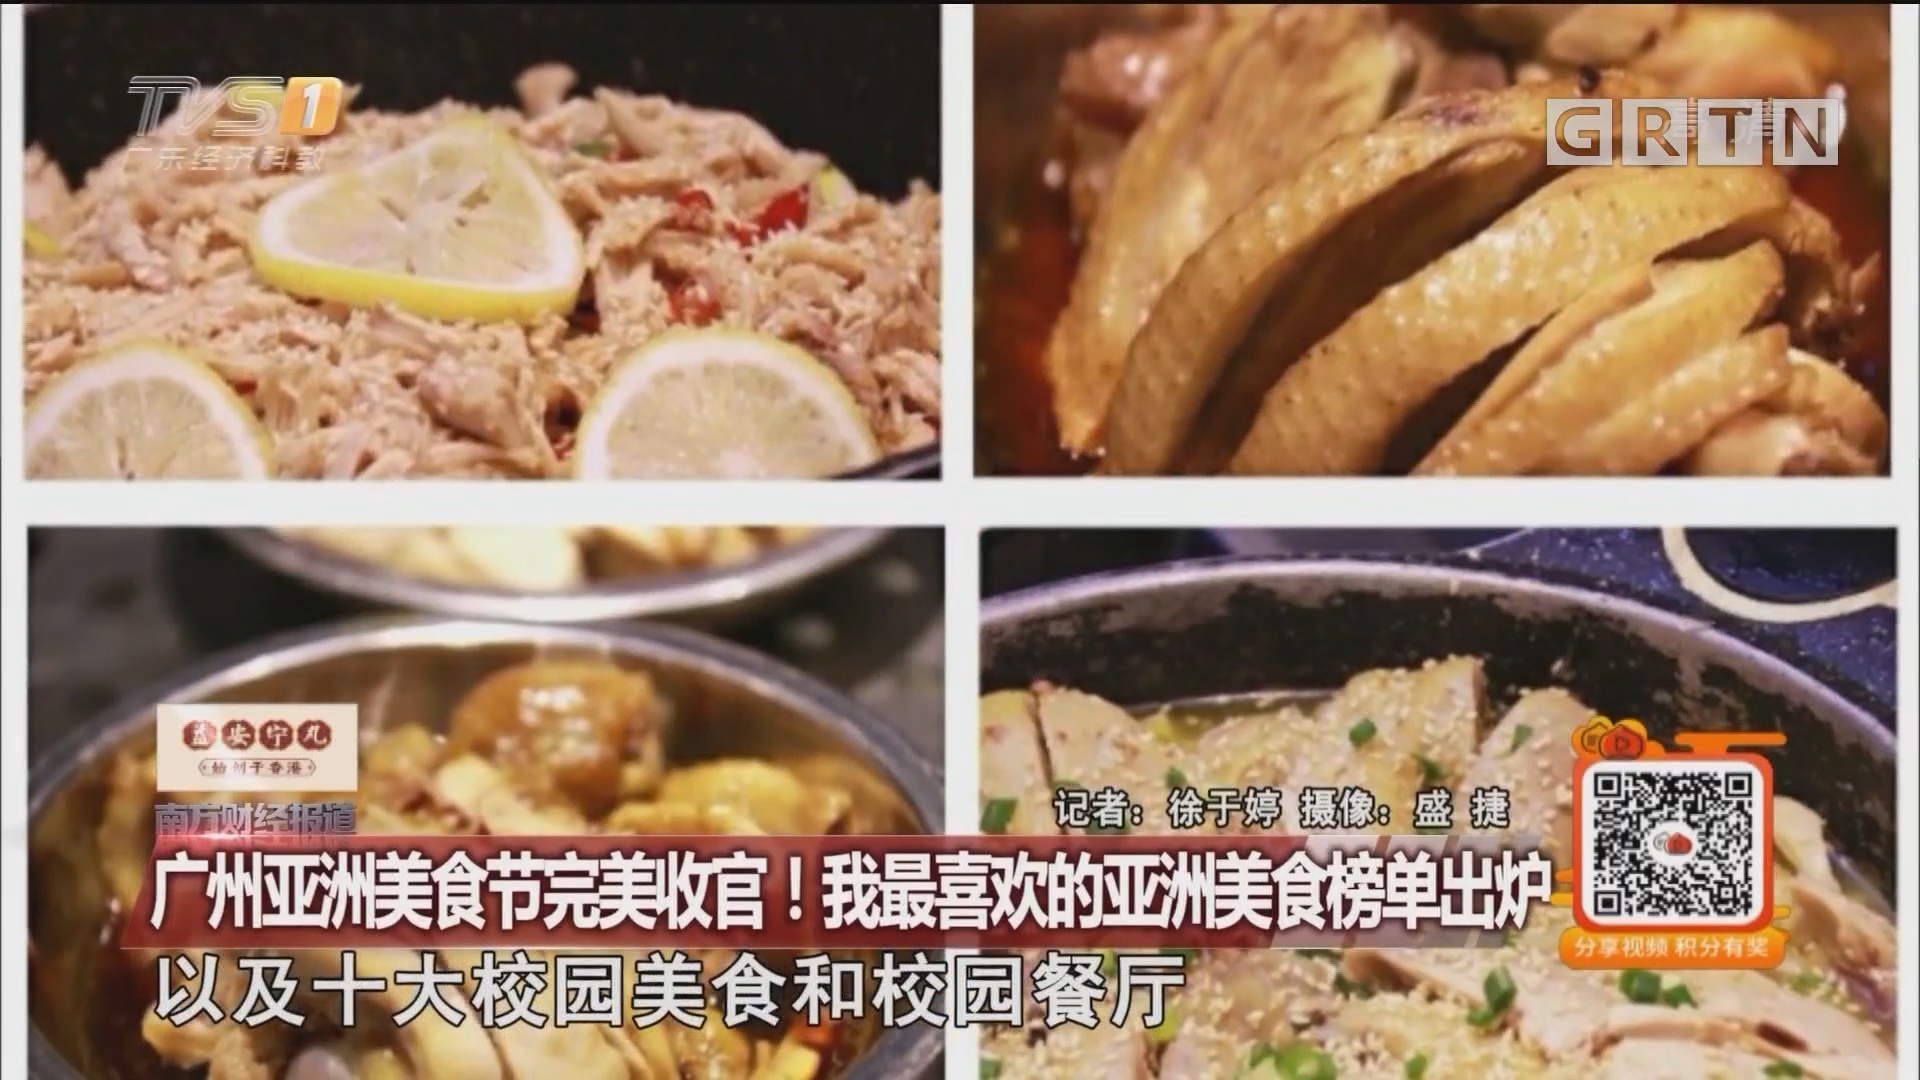 广州亚洲美食节完美收官!我最?#19981;?#30340;亚洲美食榜单出炉